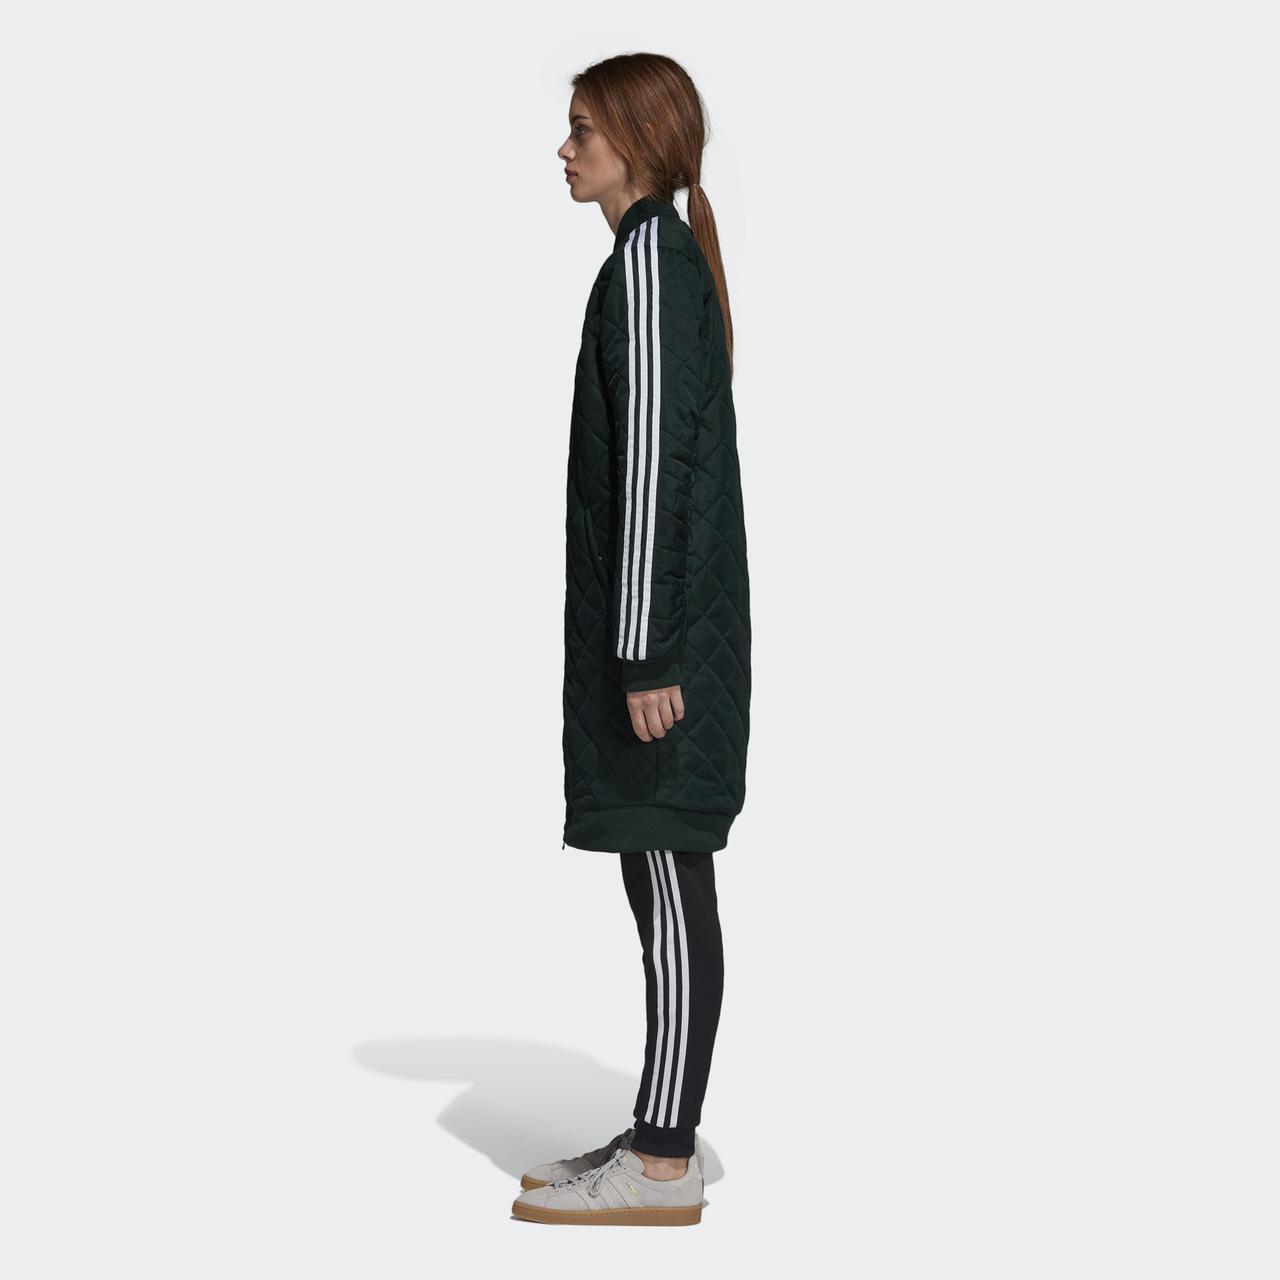 c092e86d7886 Купить Женская куртка Adidas Originals Long Bomber (Артикул  DH4592 ...